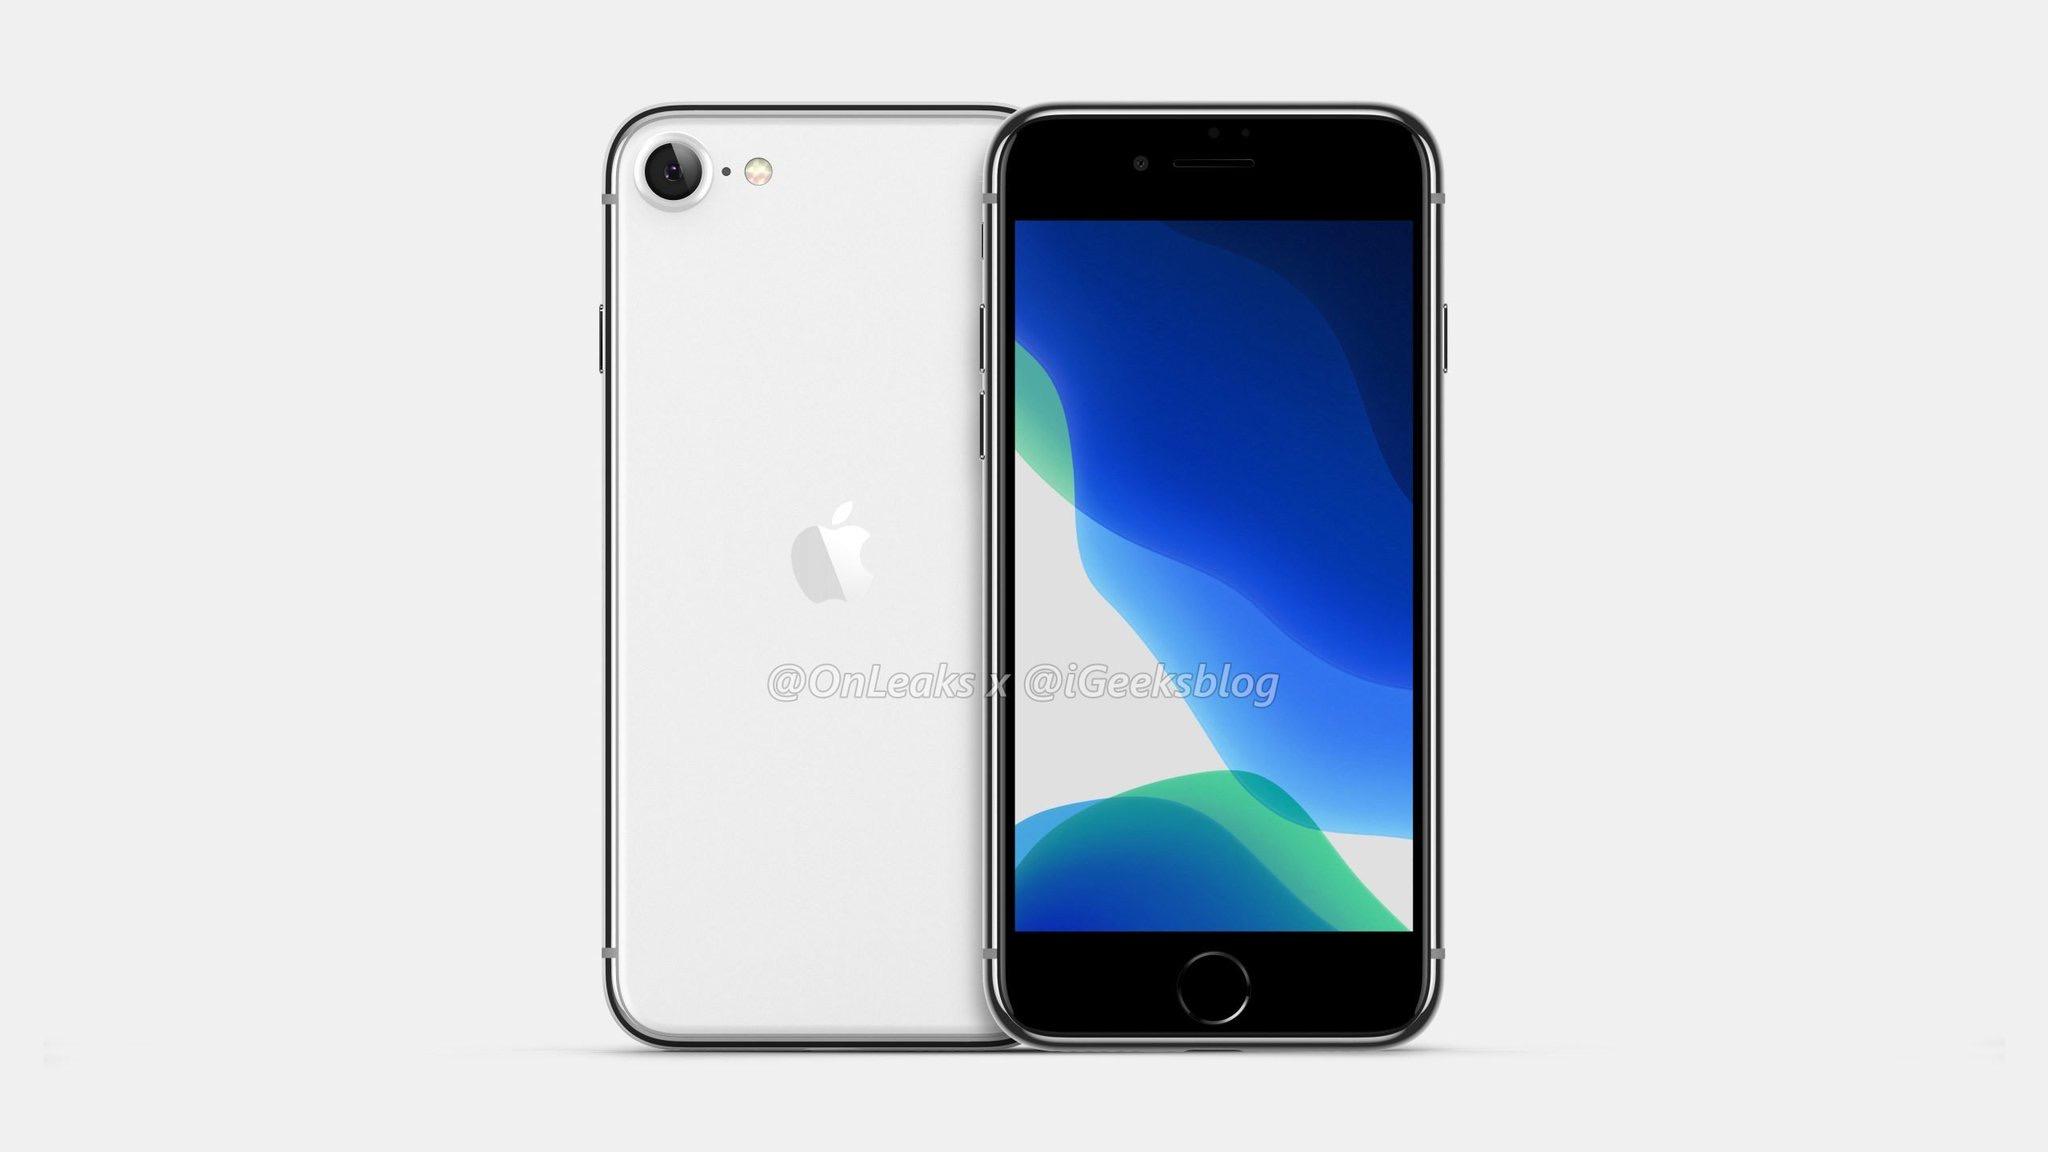 等待多年的iPhone SE2,这次真的要发布了?听说很便宜